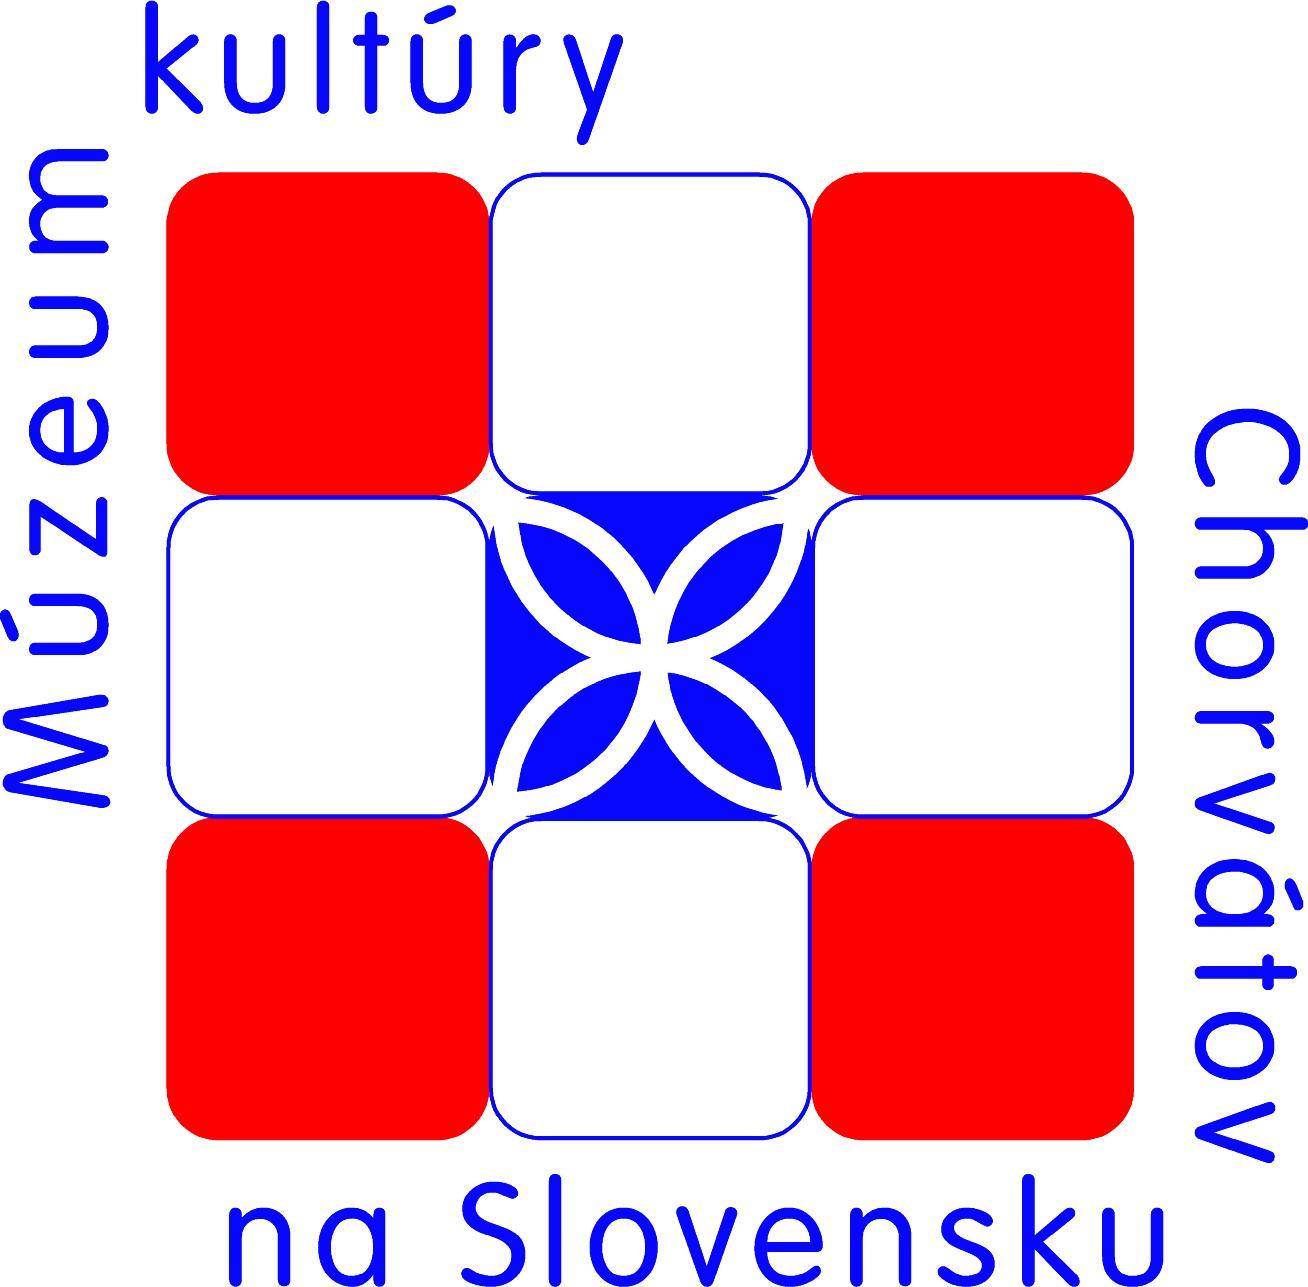 Dating sites na slovensku